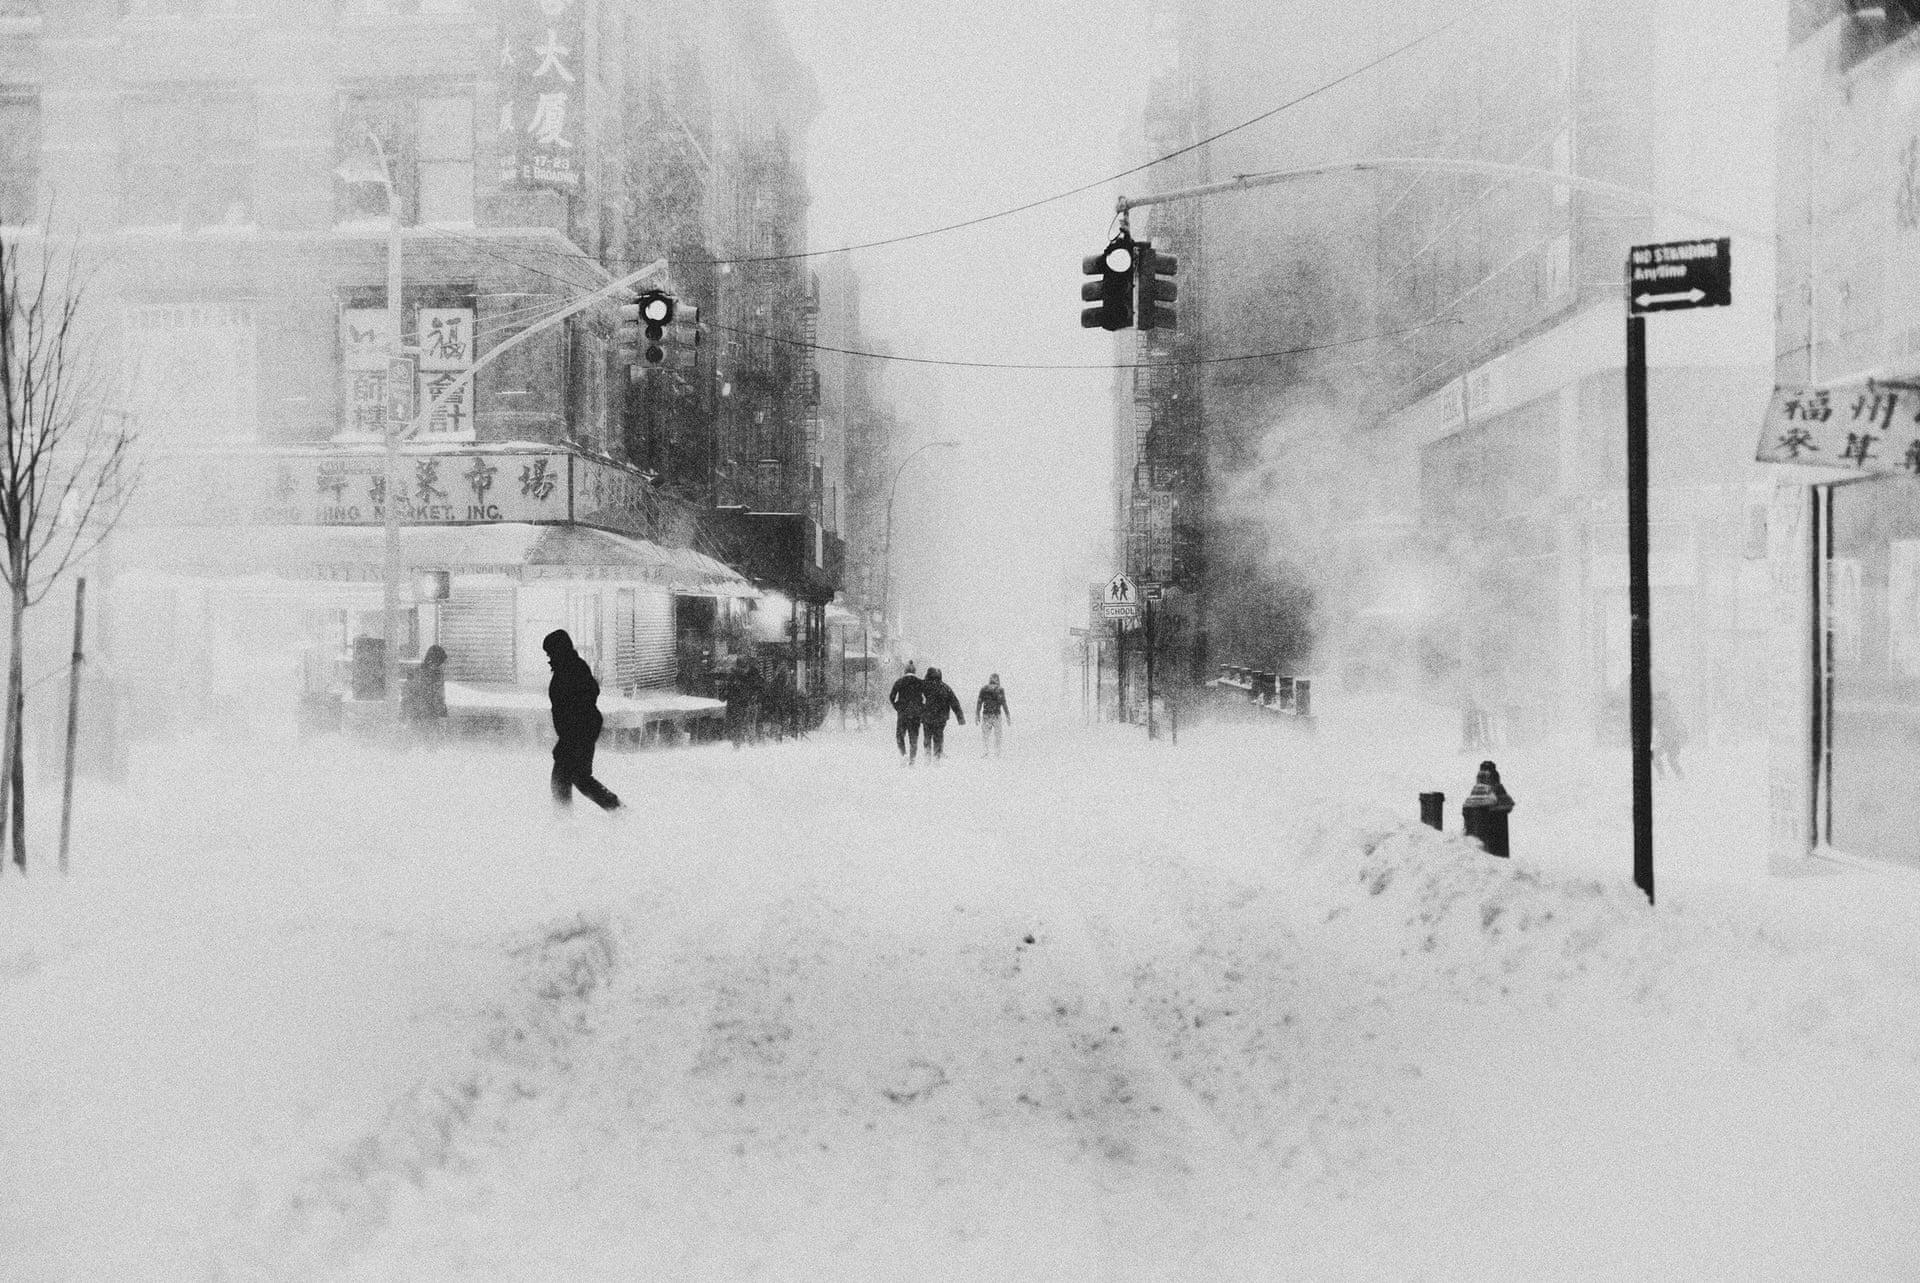 Black & white Fotografie von Bastiaan Woudt New York City Straßen in einem Schneesturm